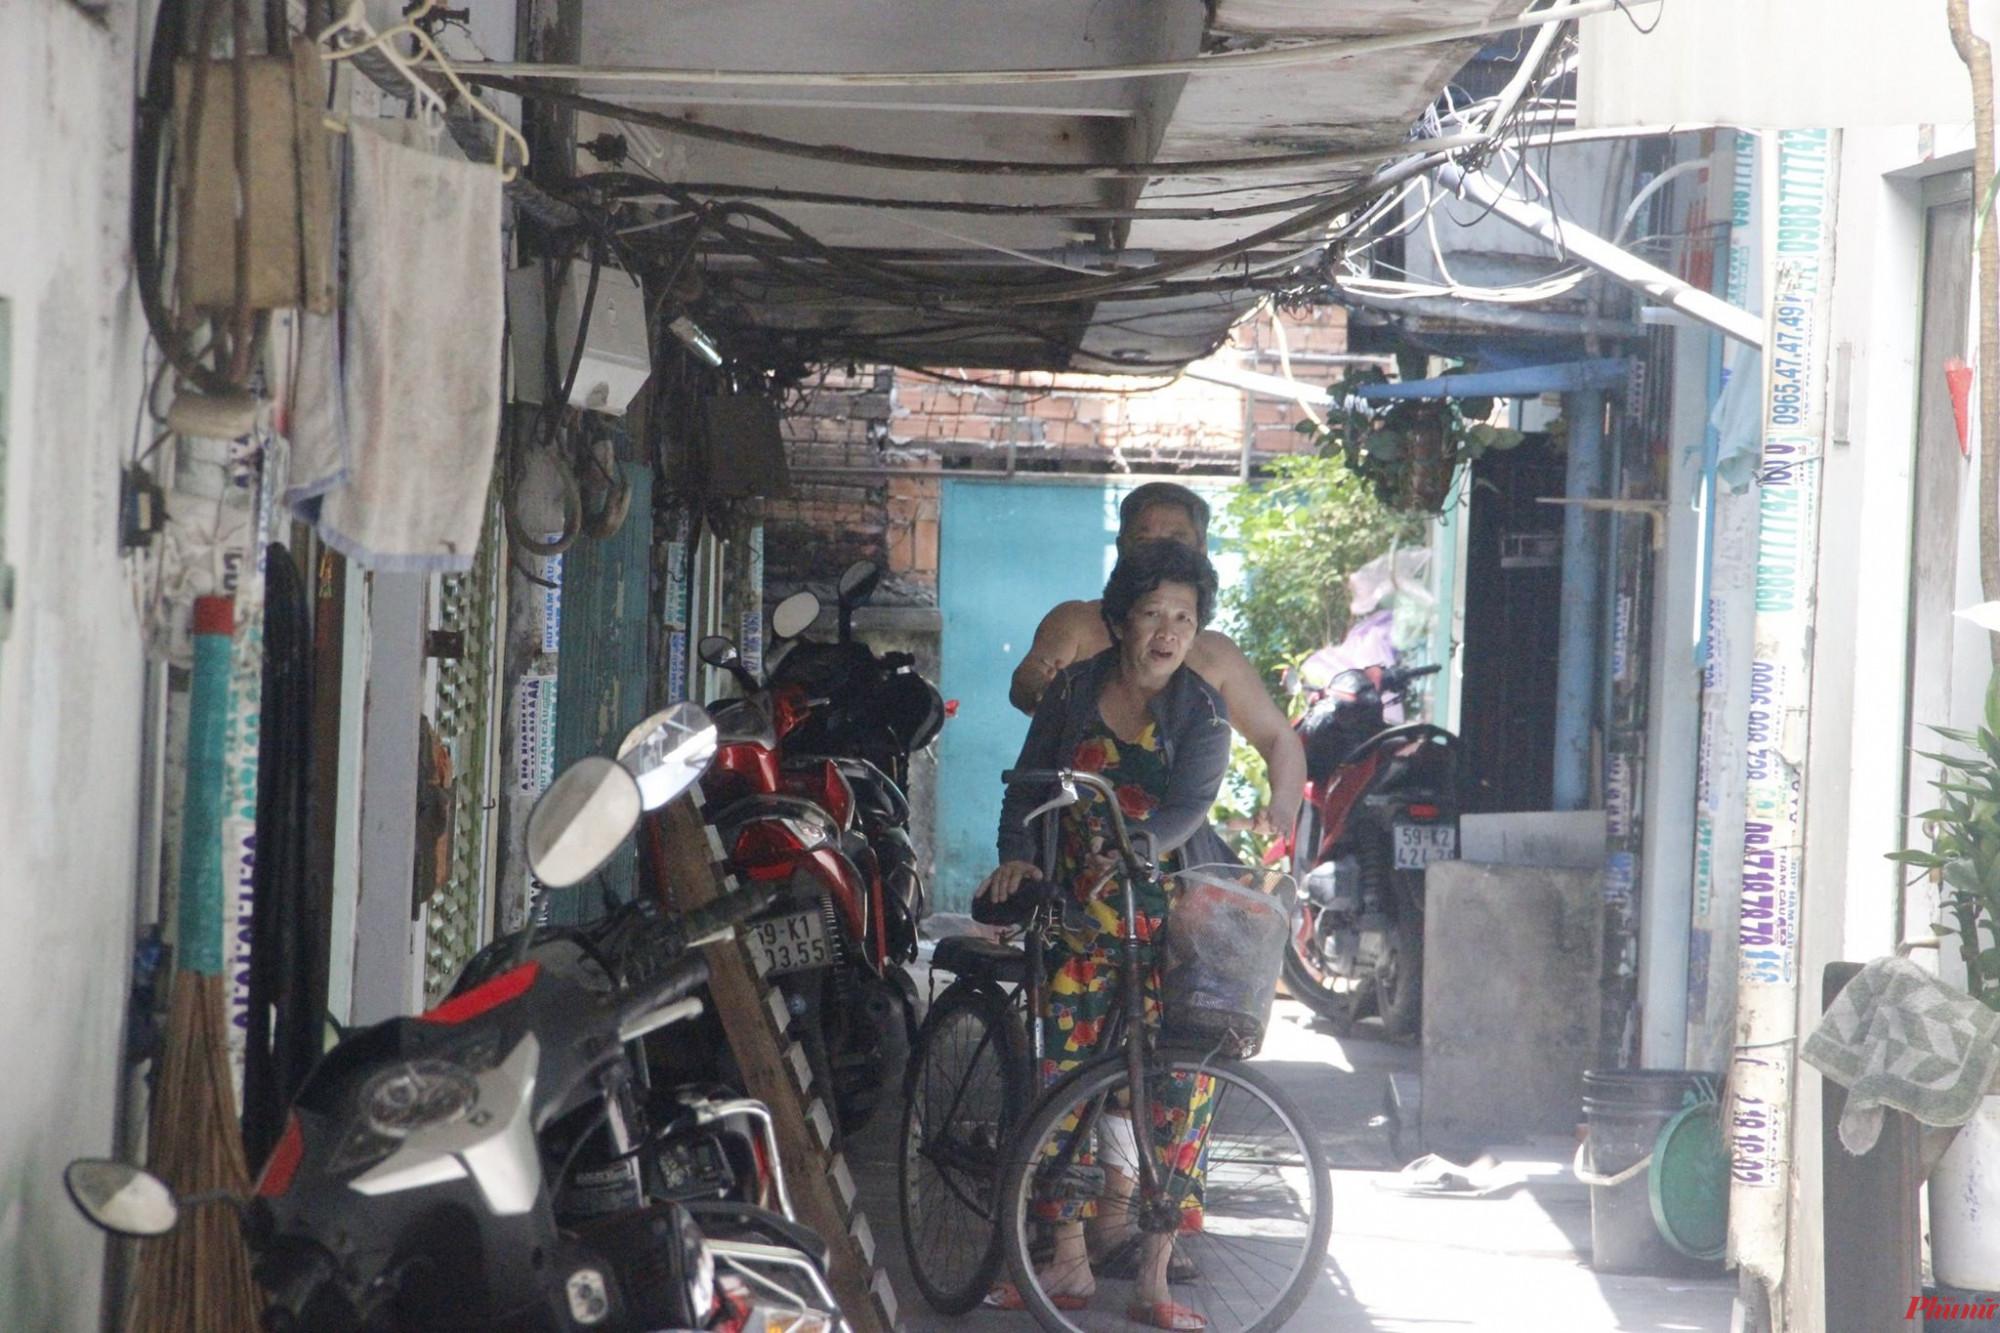 Quý 1 năm 2020, các hộ dân ở chung cư 119B Tân Hòa Đông sẽ được di dời đến nơi ở mới để xây trường học